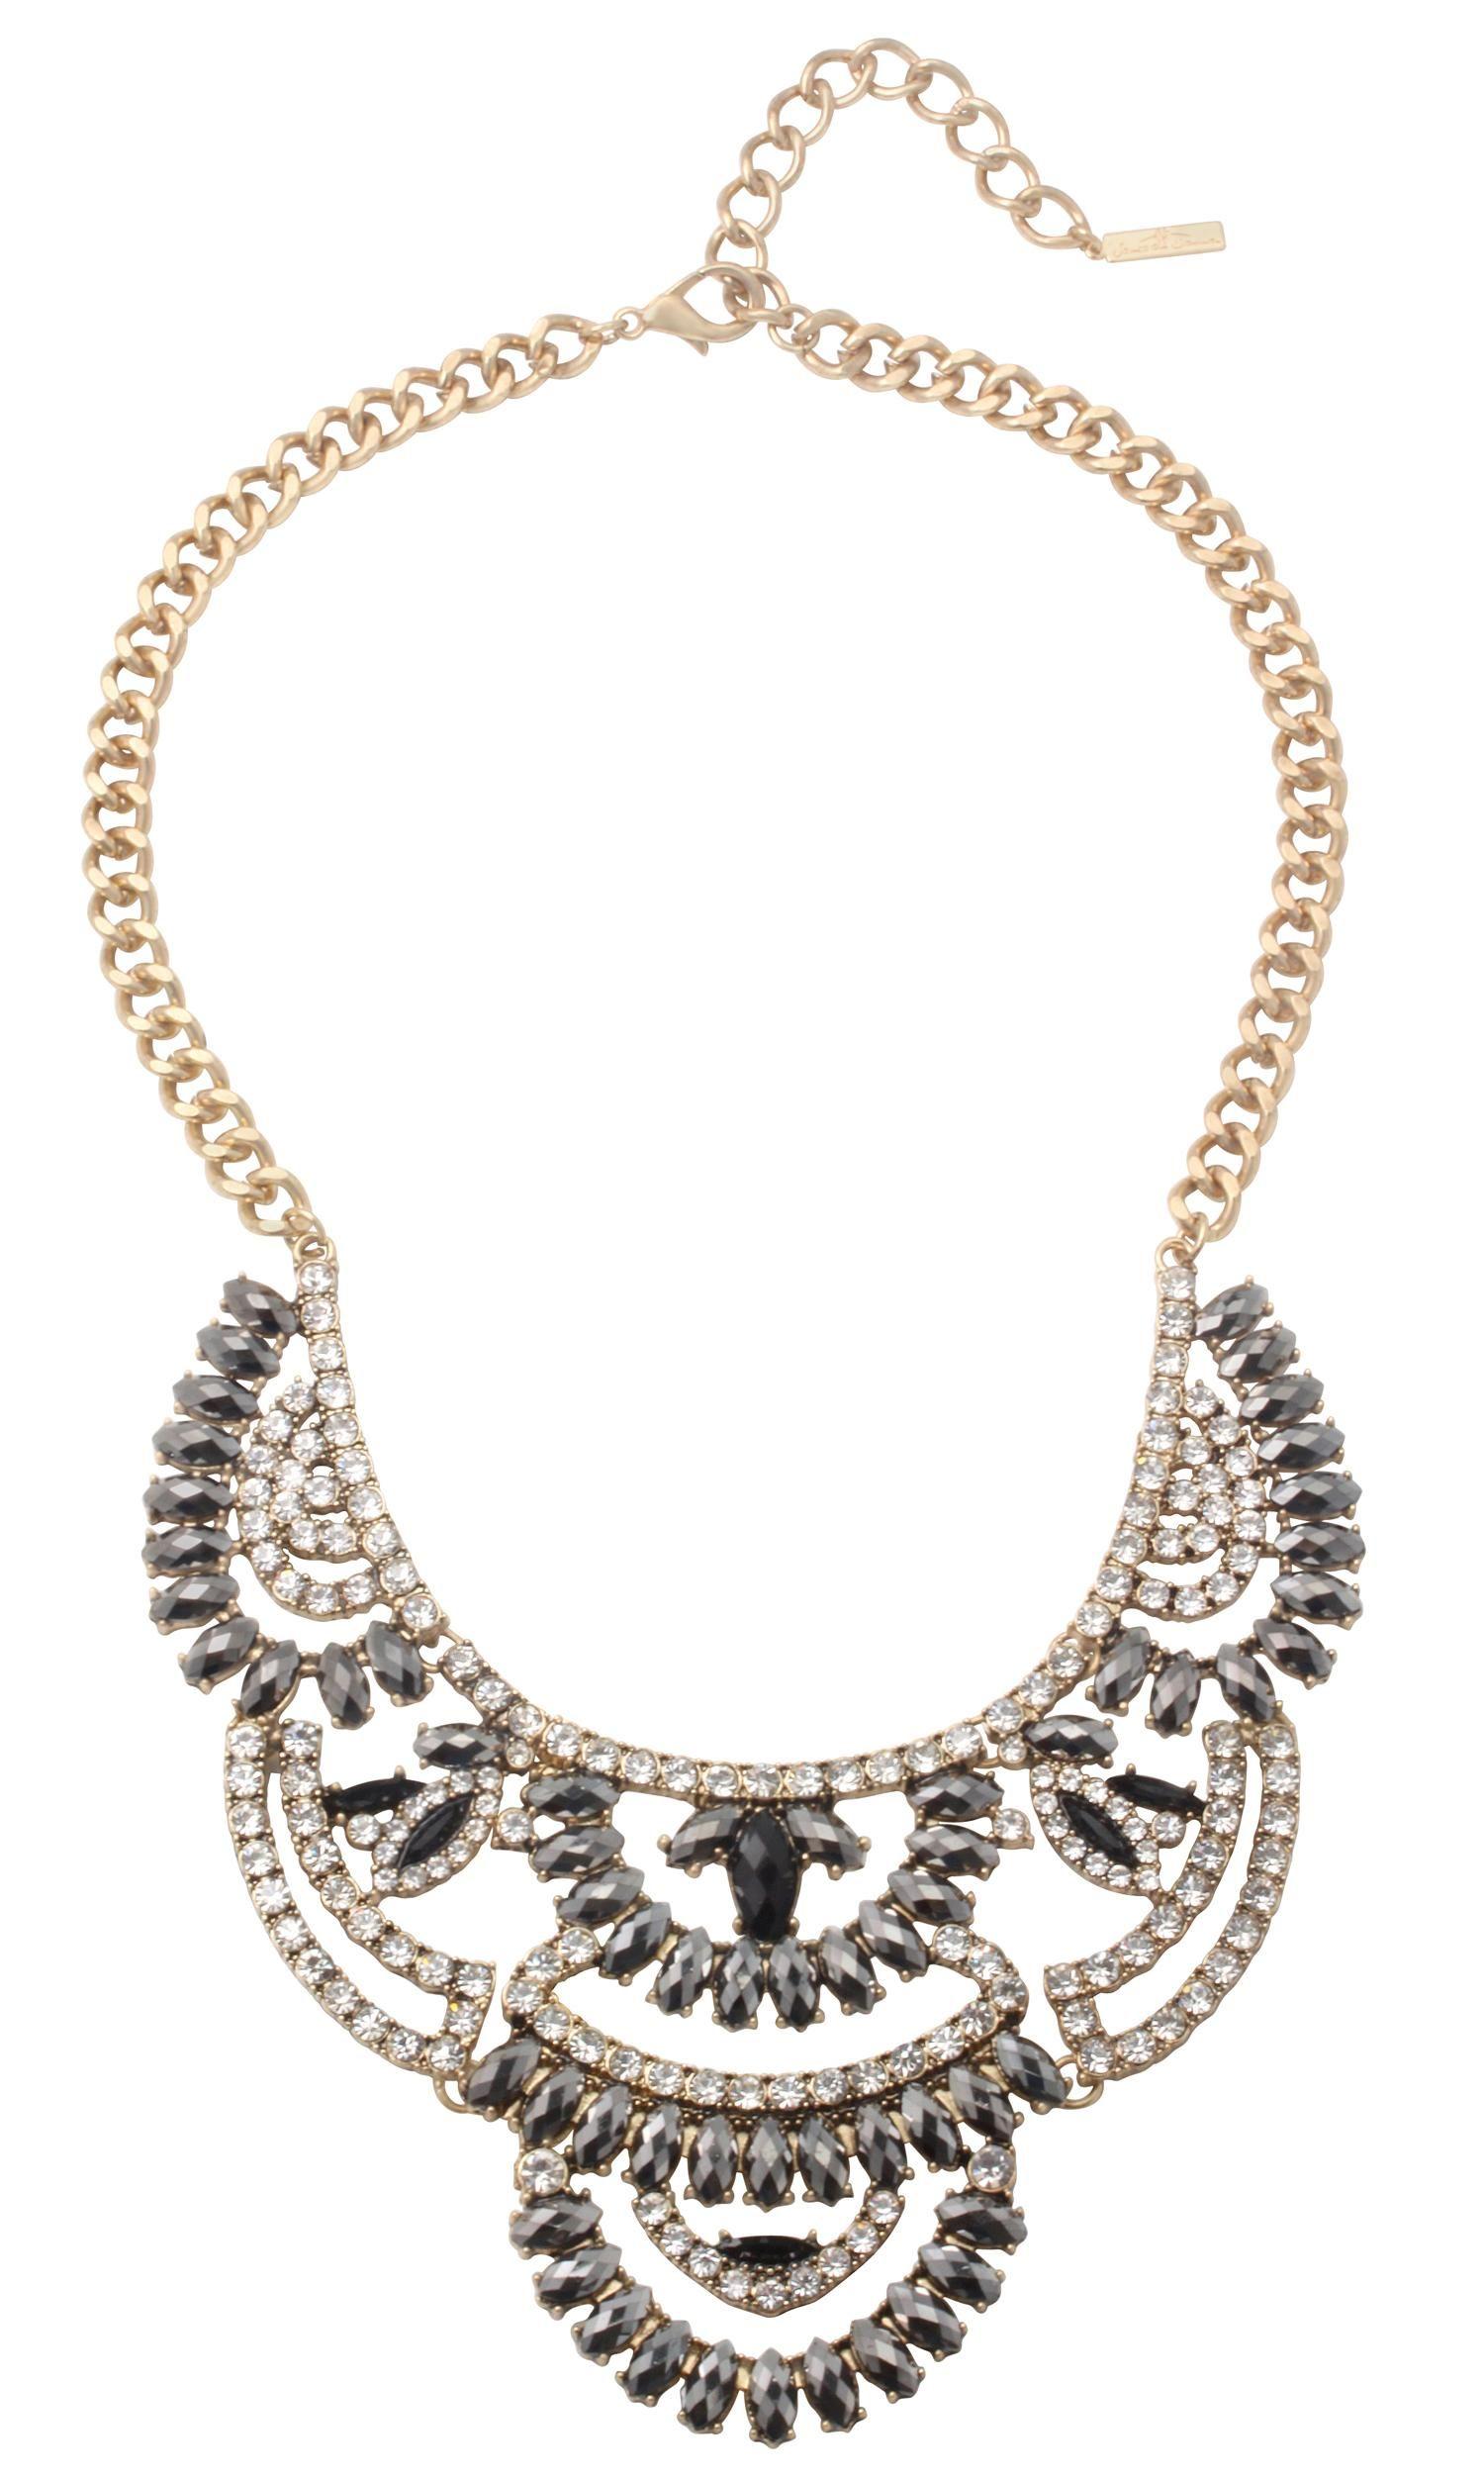 kette shining stones bijou brigitte online shop bling bling bijou pendant necklace y. Black Bedroom Furniture Sets. Home Design Ideas